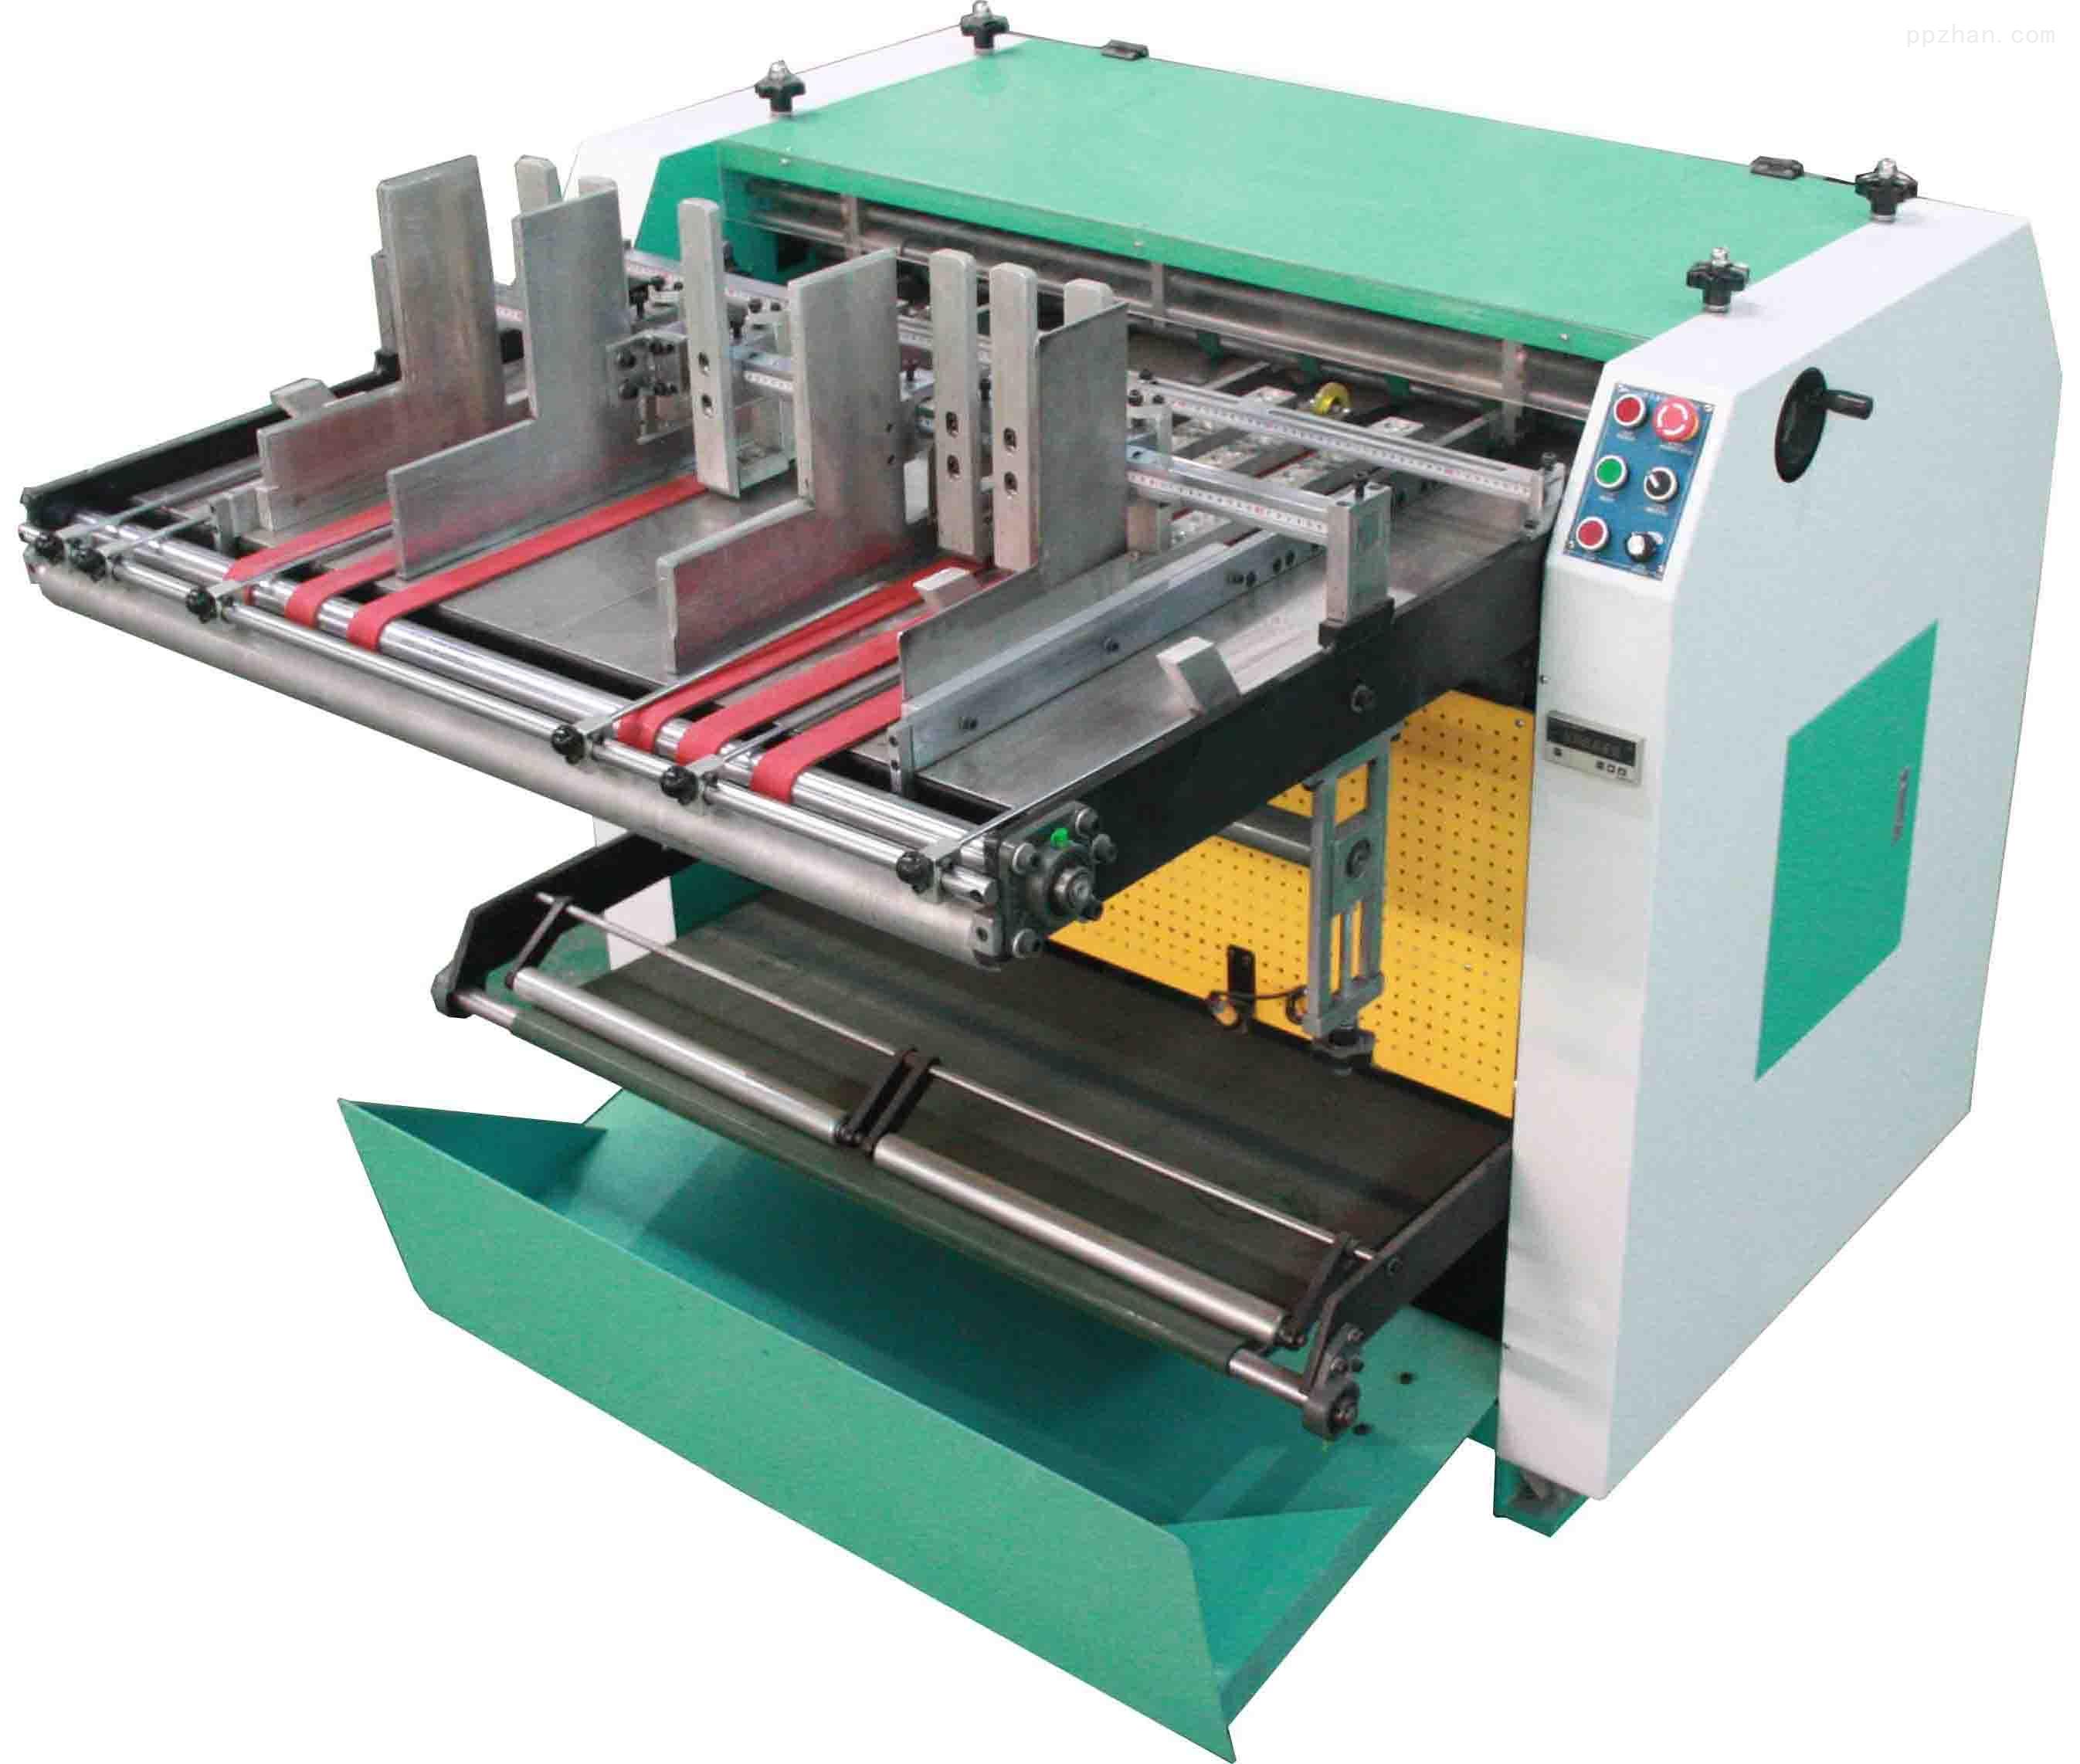 LY-1200全自动开槽机http://www.dglyjx.com/Products.html是全球最新上市的专利产品,通过自动送纸板自动纠偏,自动收料;专业针对纸板、灰纸板、密度板无尘开V型槽。采用新型的输送纸板机构。把要开槽的纸板整个面包在(直径60厘米)滚筒上,保证开槽的走位准确、没有偏差和开槽的直线性。具有高精度、刀具耐用等特点。 产品性能: 1.